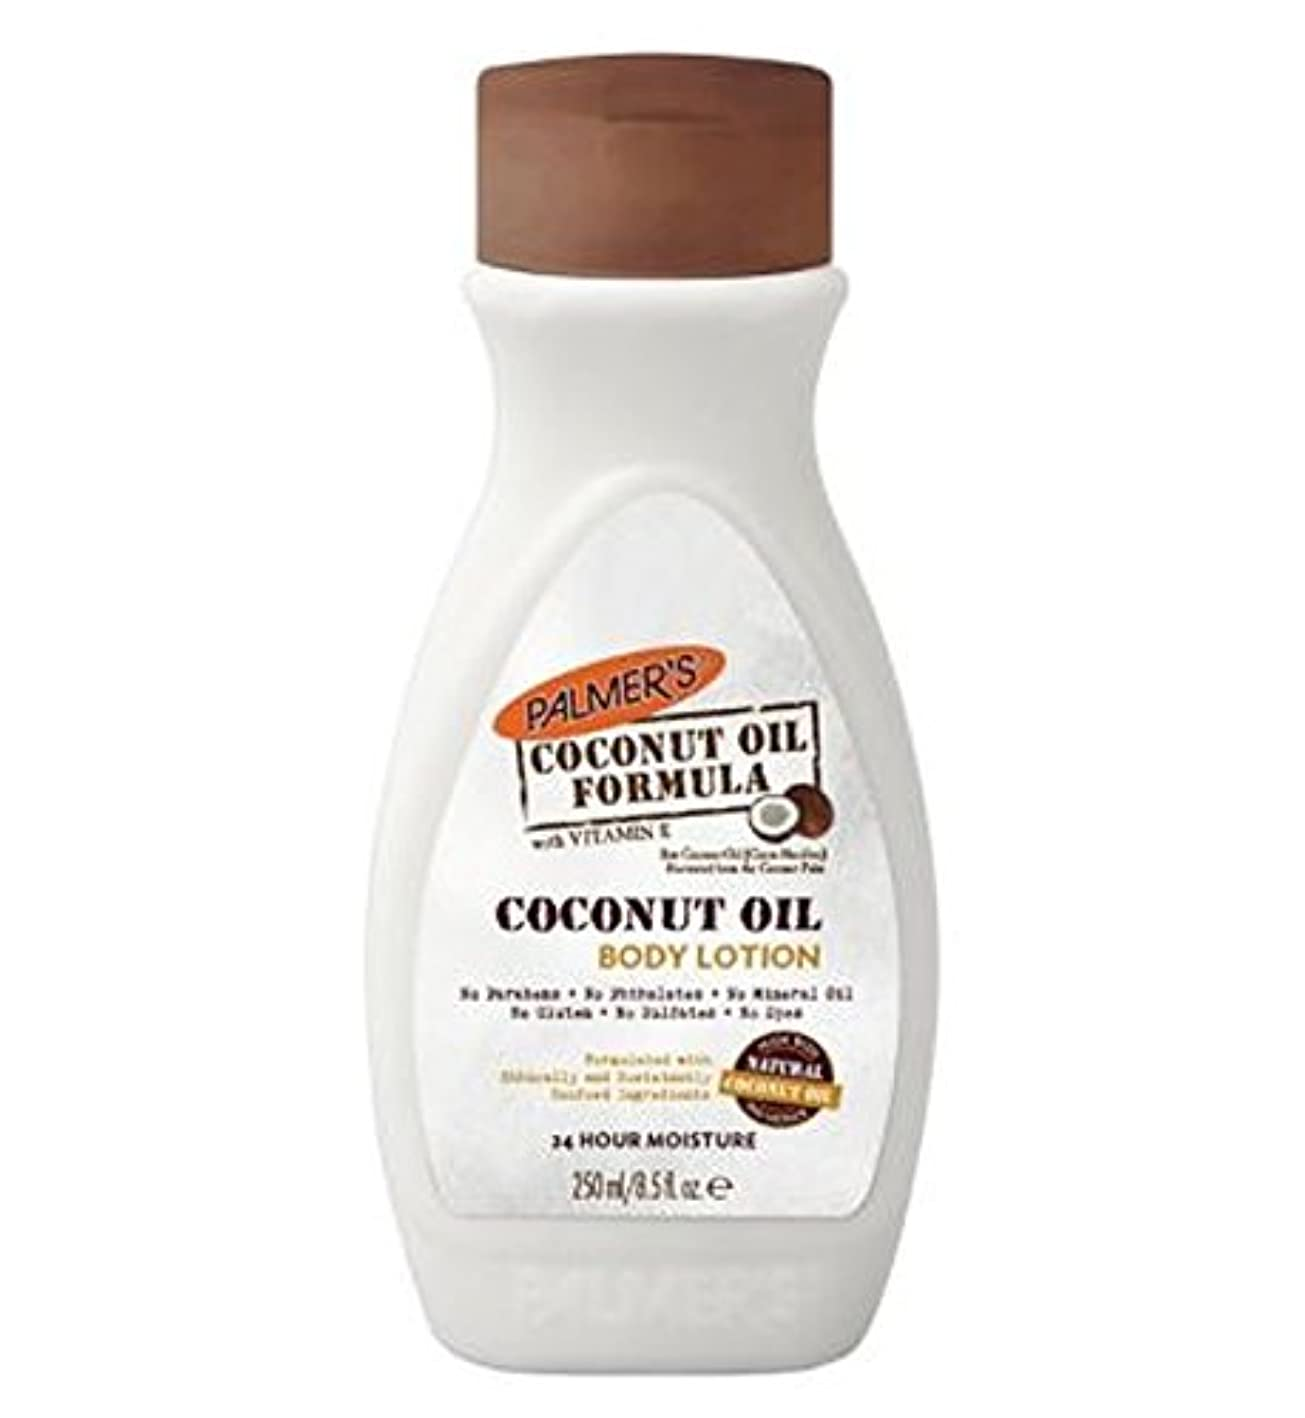 寛解適用する刺しますパーマーのココナッツオイル式ボディローション250ミリリットル (Palmer's) (x2) - Palmer's Coconut Oil Formula Body Lotion 250ml (Pack of 2) [...